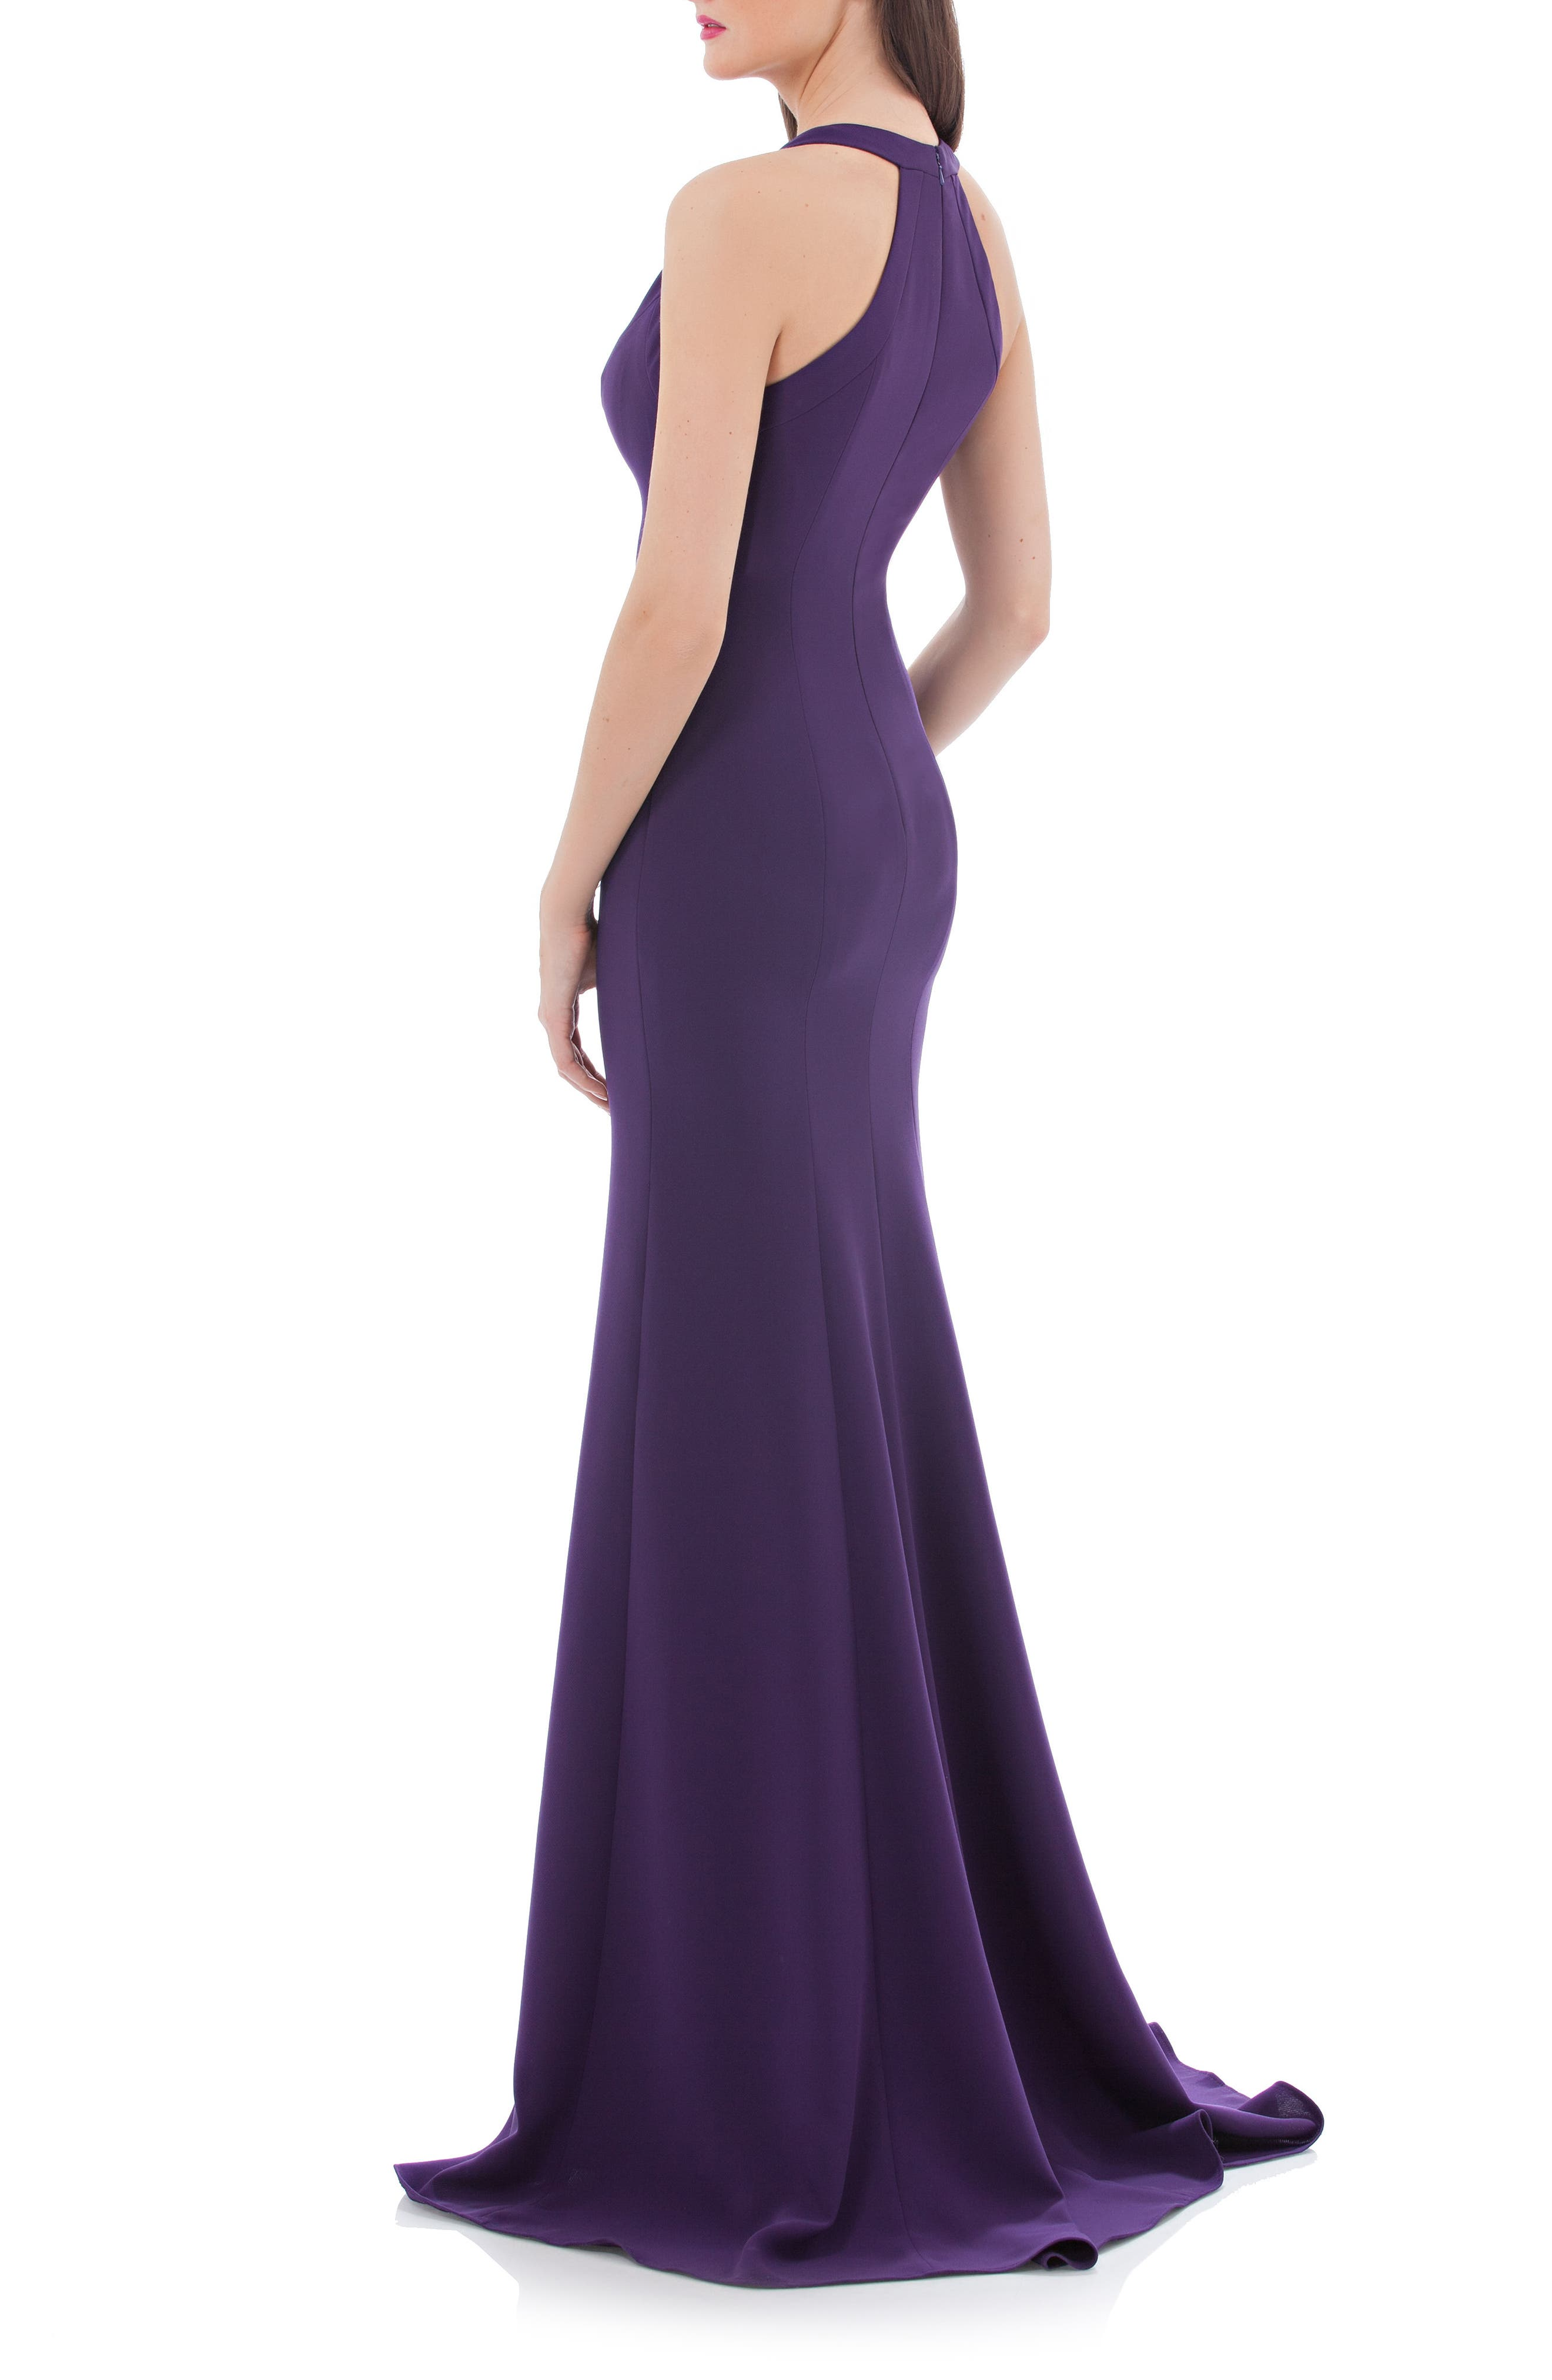 V-Neck Halter Style Gown,                             Alternate thumbnail 2, color,                             506